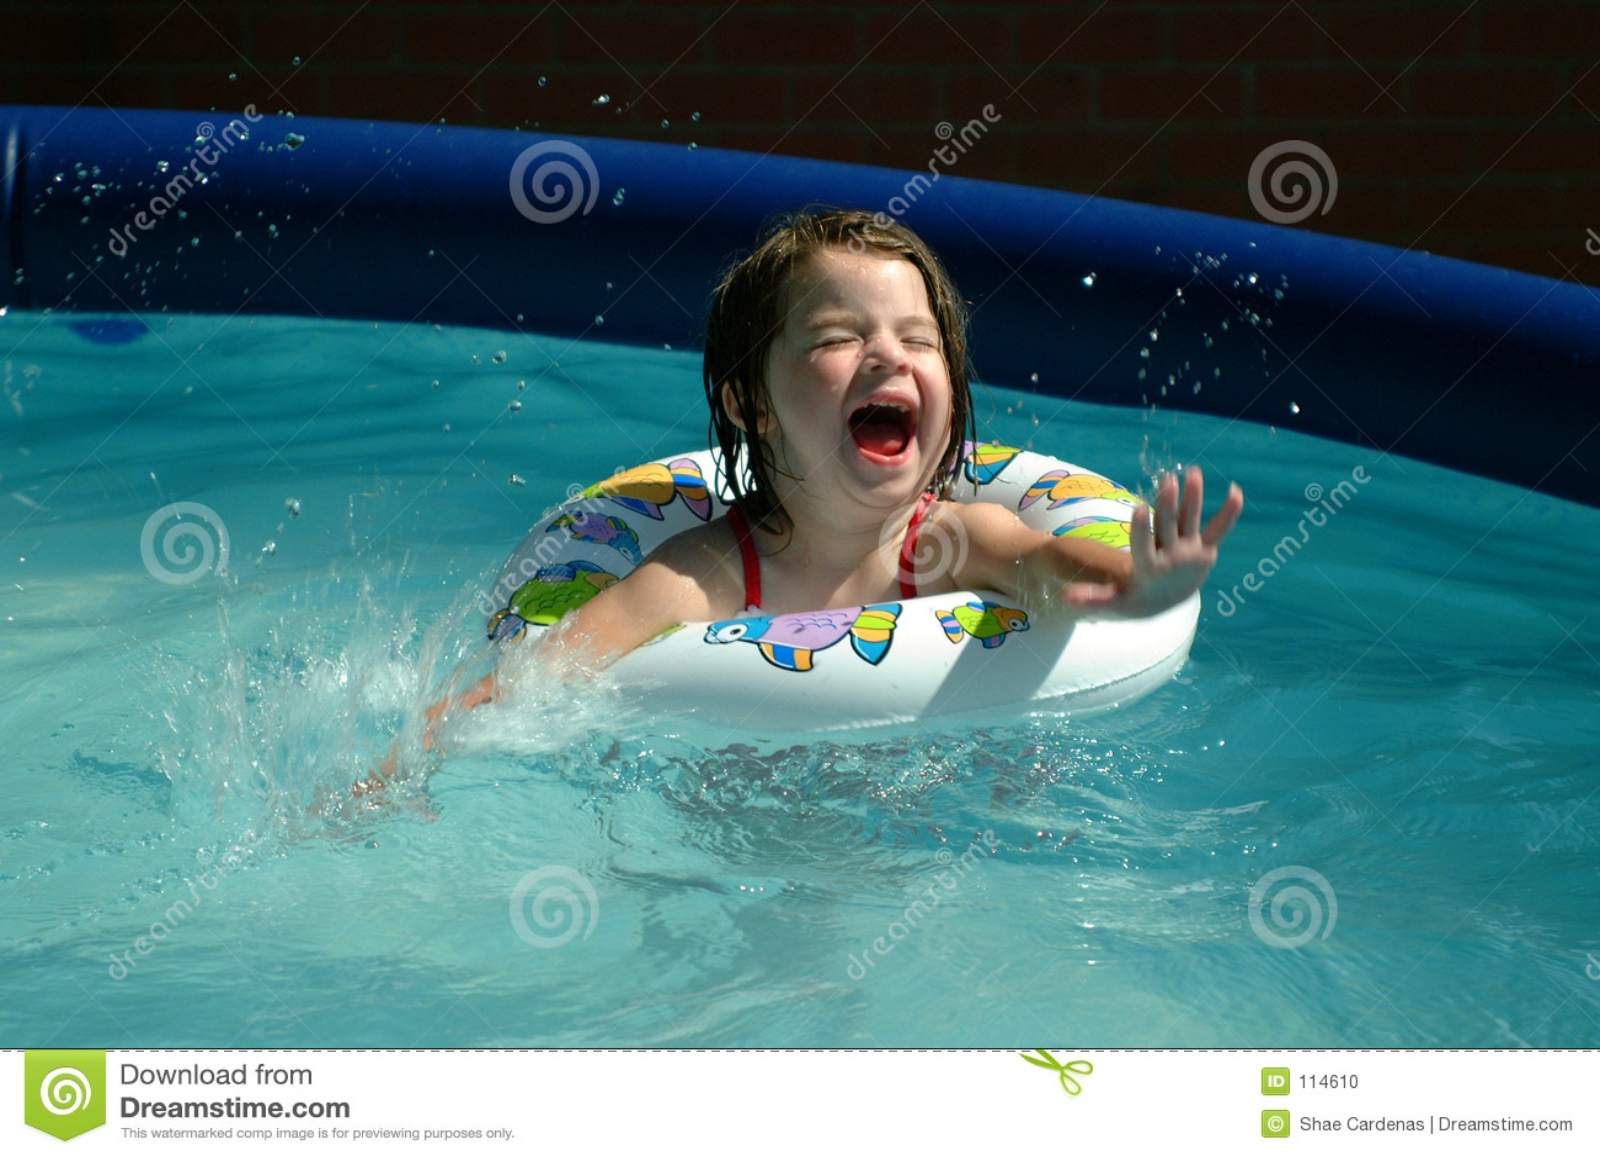 Children-Little Girl Splashing